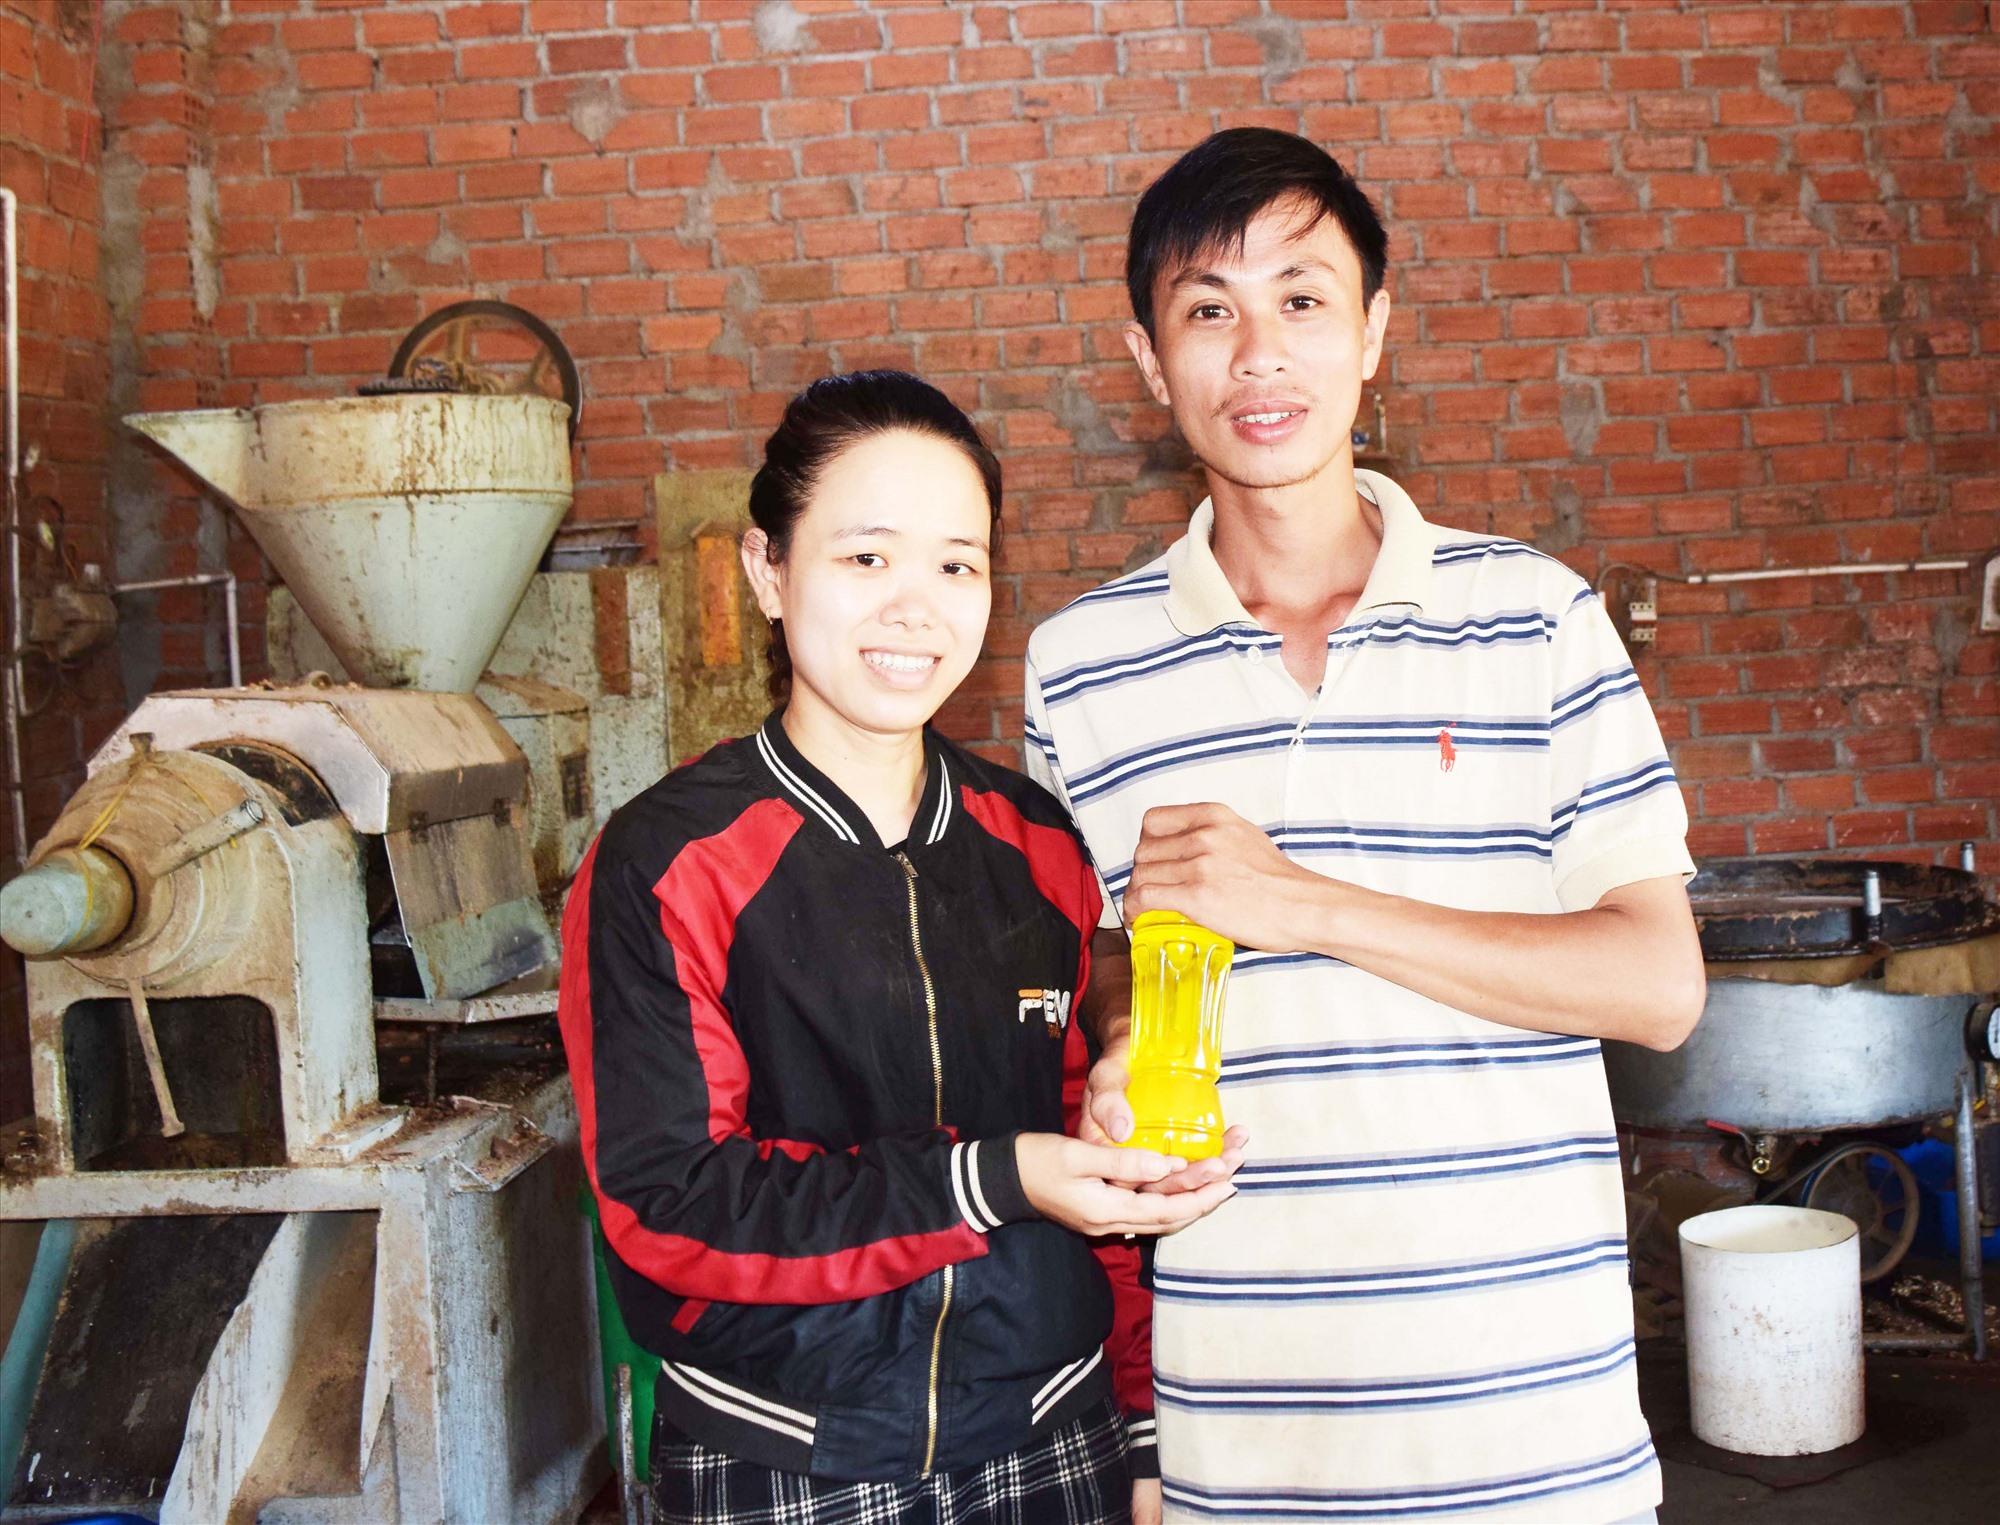 Vợ chồng anh Nguyễn Văn Lâm với sản phẩm dầu được cho ra từ chiếc máy ép công nghiệp đầu tiên của xã. Ảnh: THÁI CƯỜNG